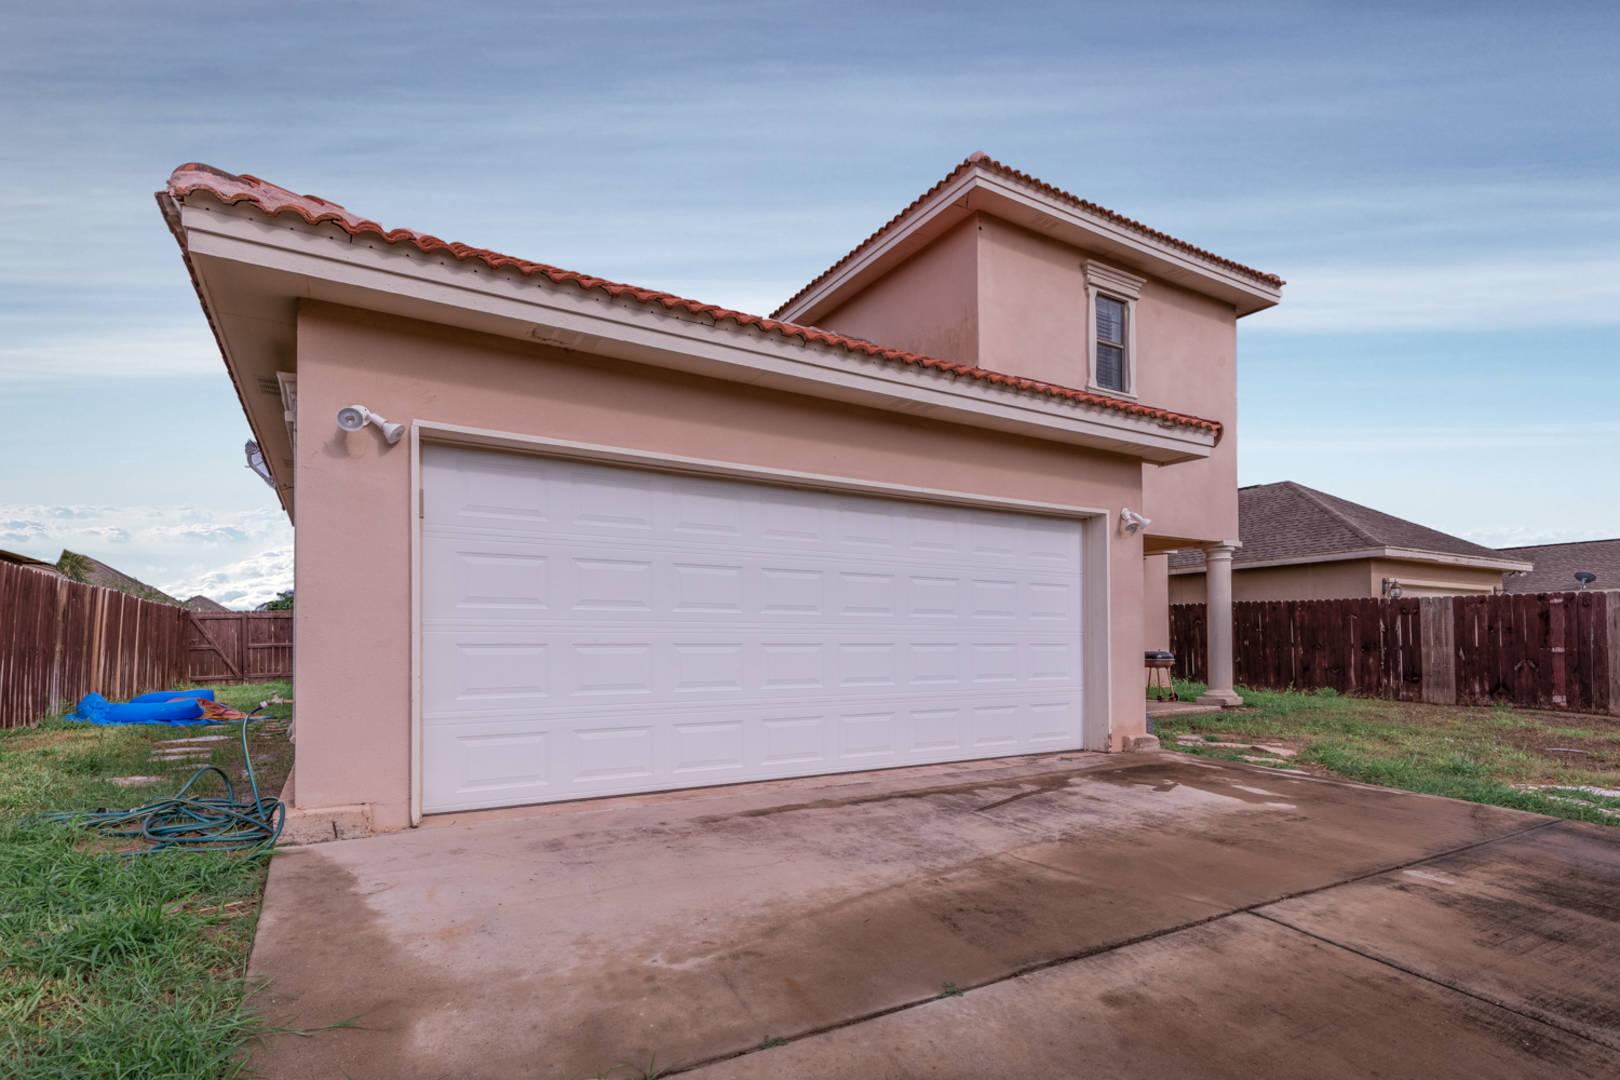 2000 Villa Real Dr. Pharr, TX 78577